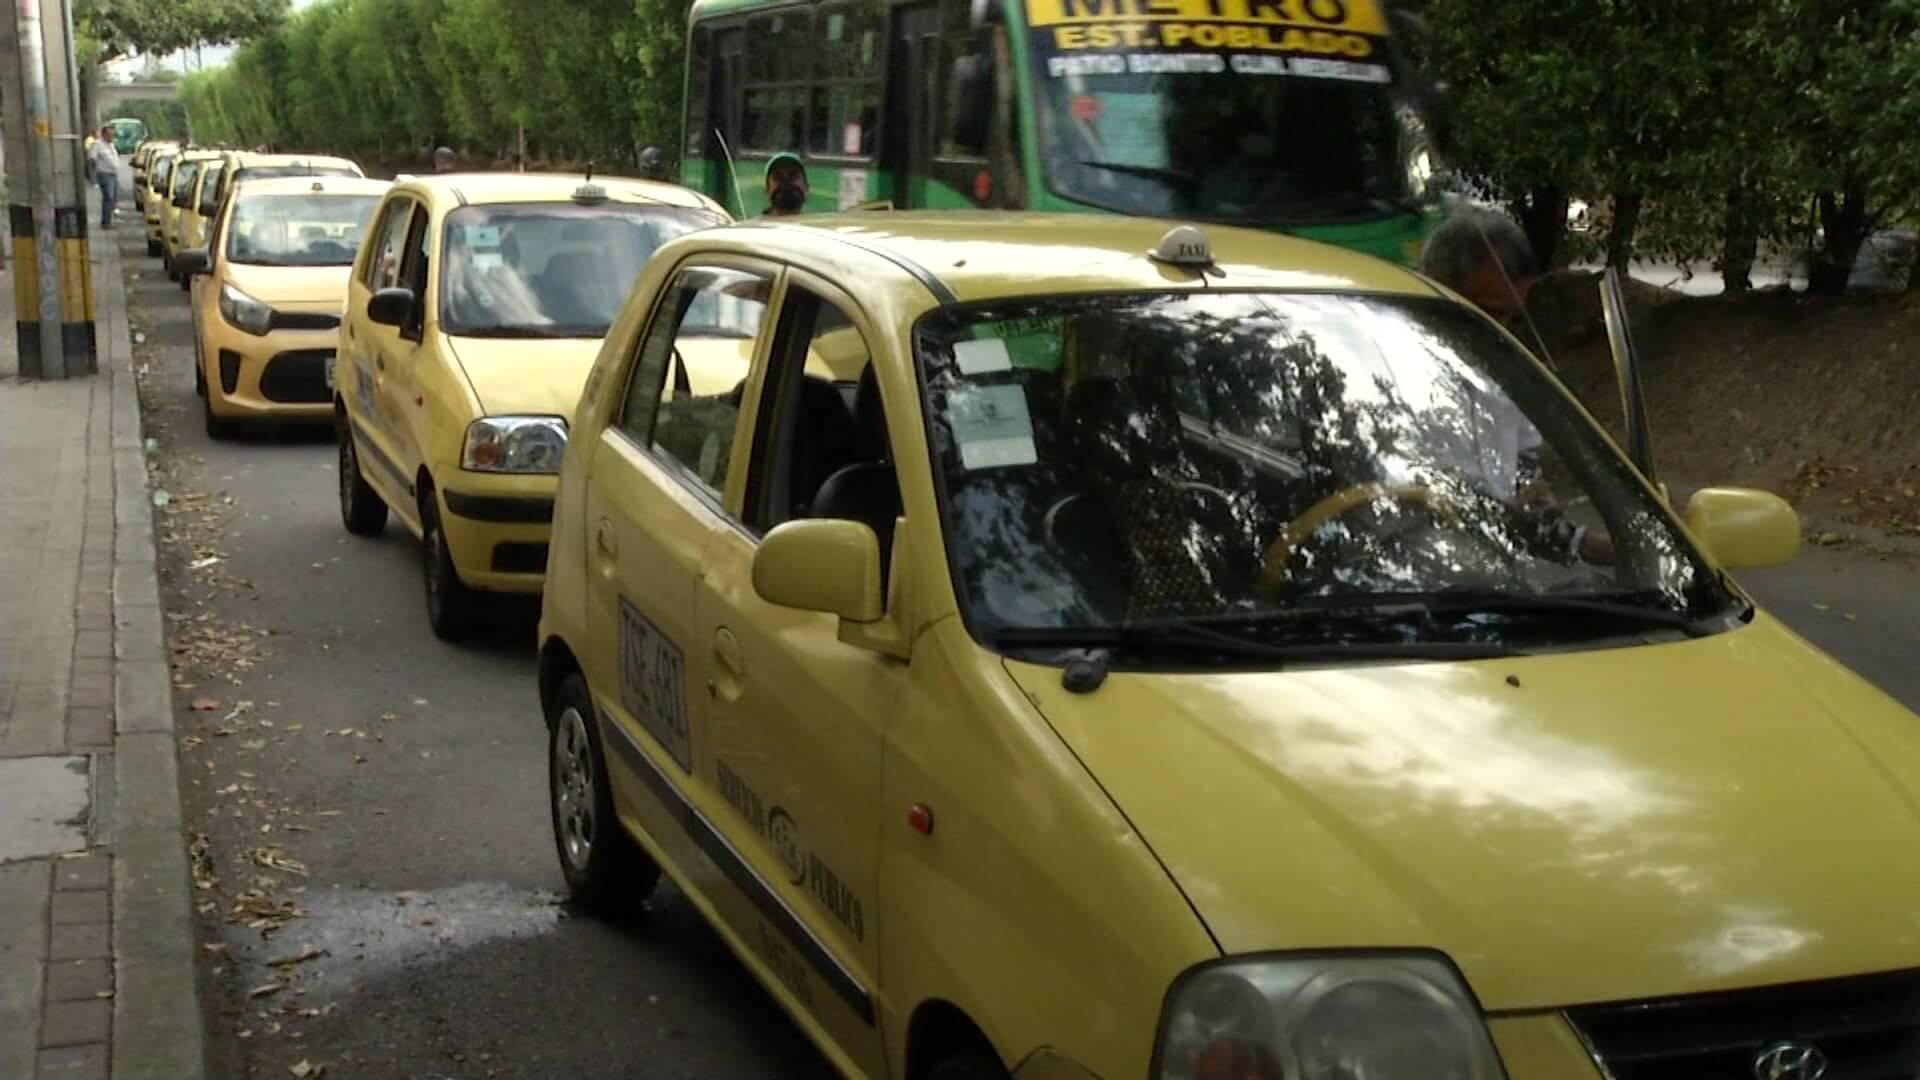 El lunes 2 de agosto rotará pico y placa de taxis